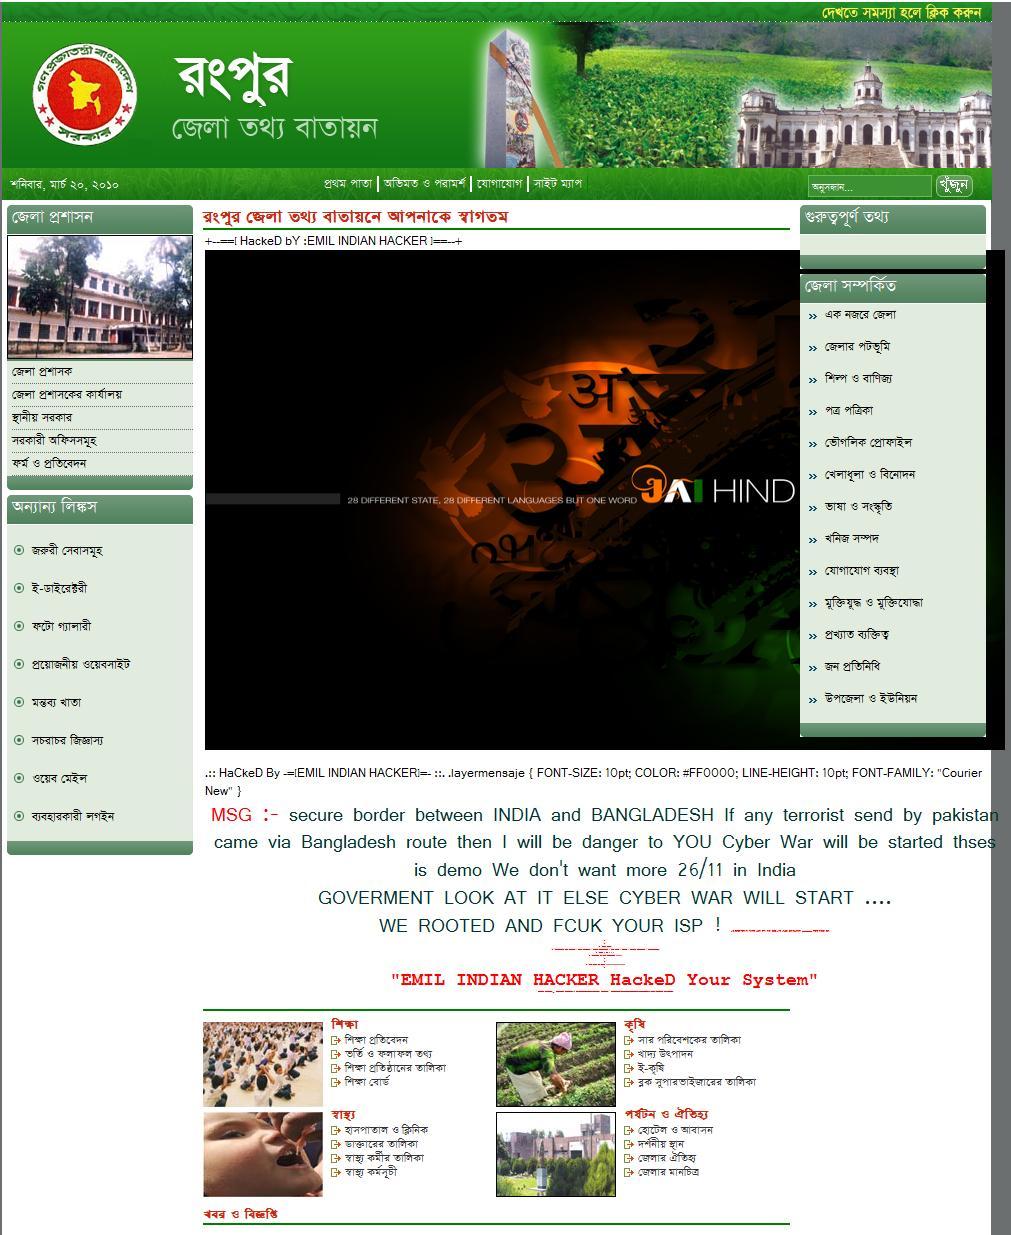 রৎপুর জেলা ওয়েবসাইট